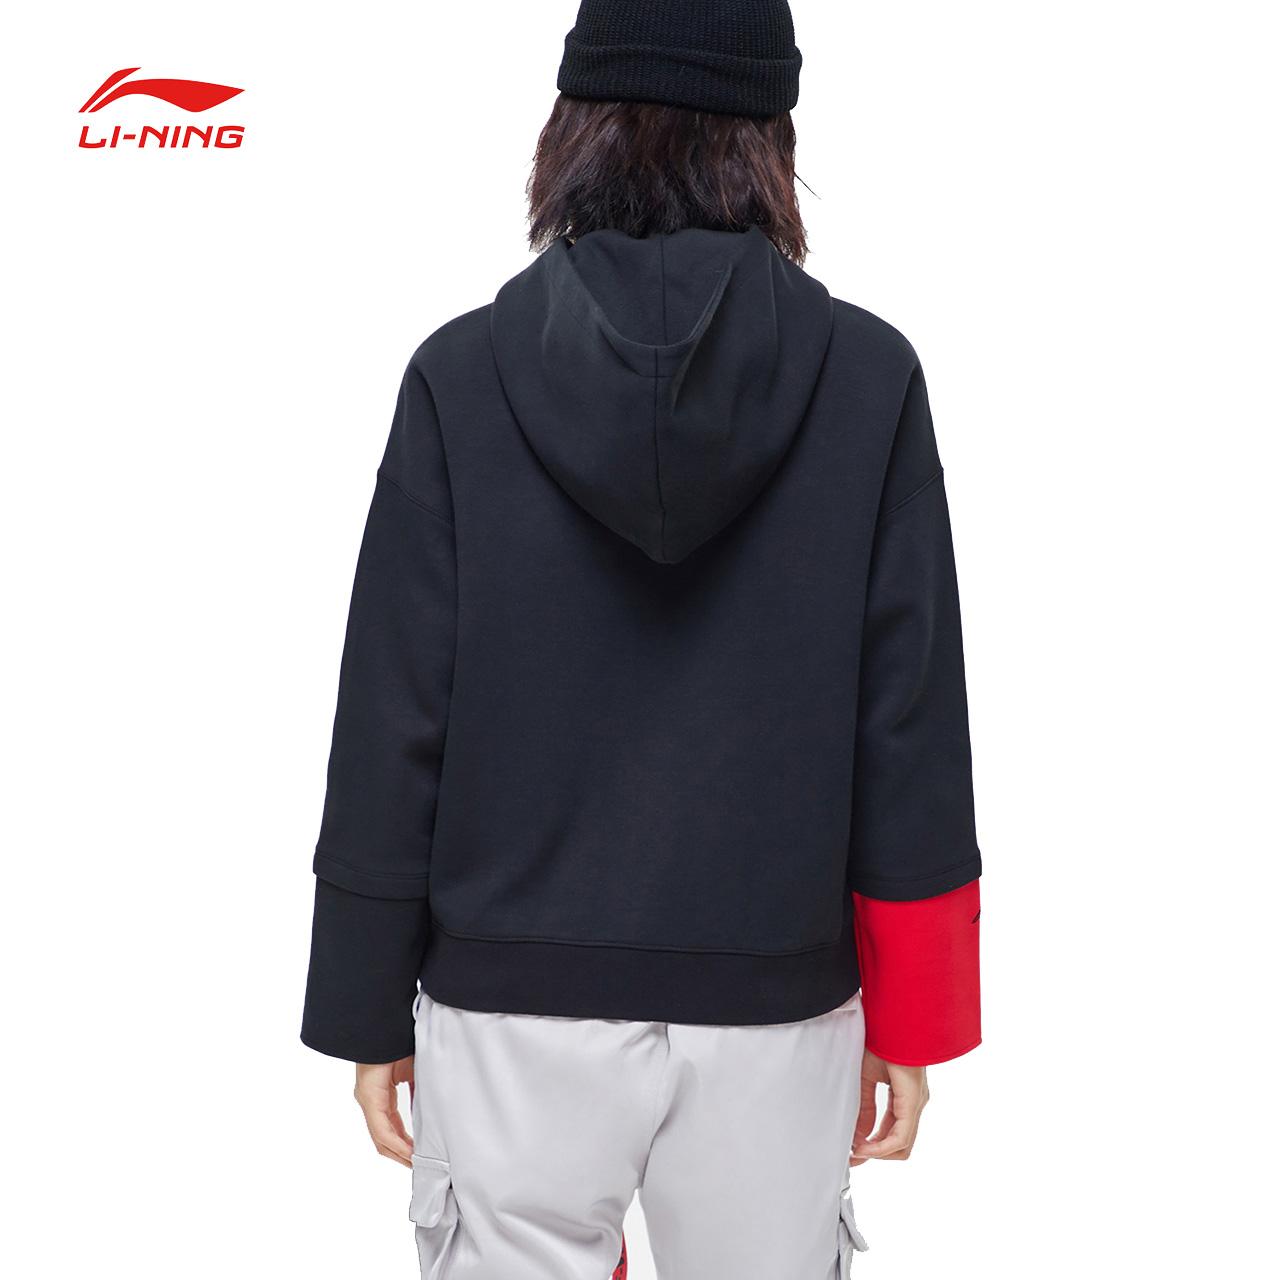 李宁财大气粗卫衣女2019新款春季套头连帽长袖外套女士运动服卫衣